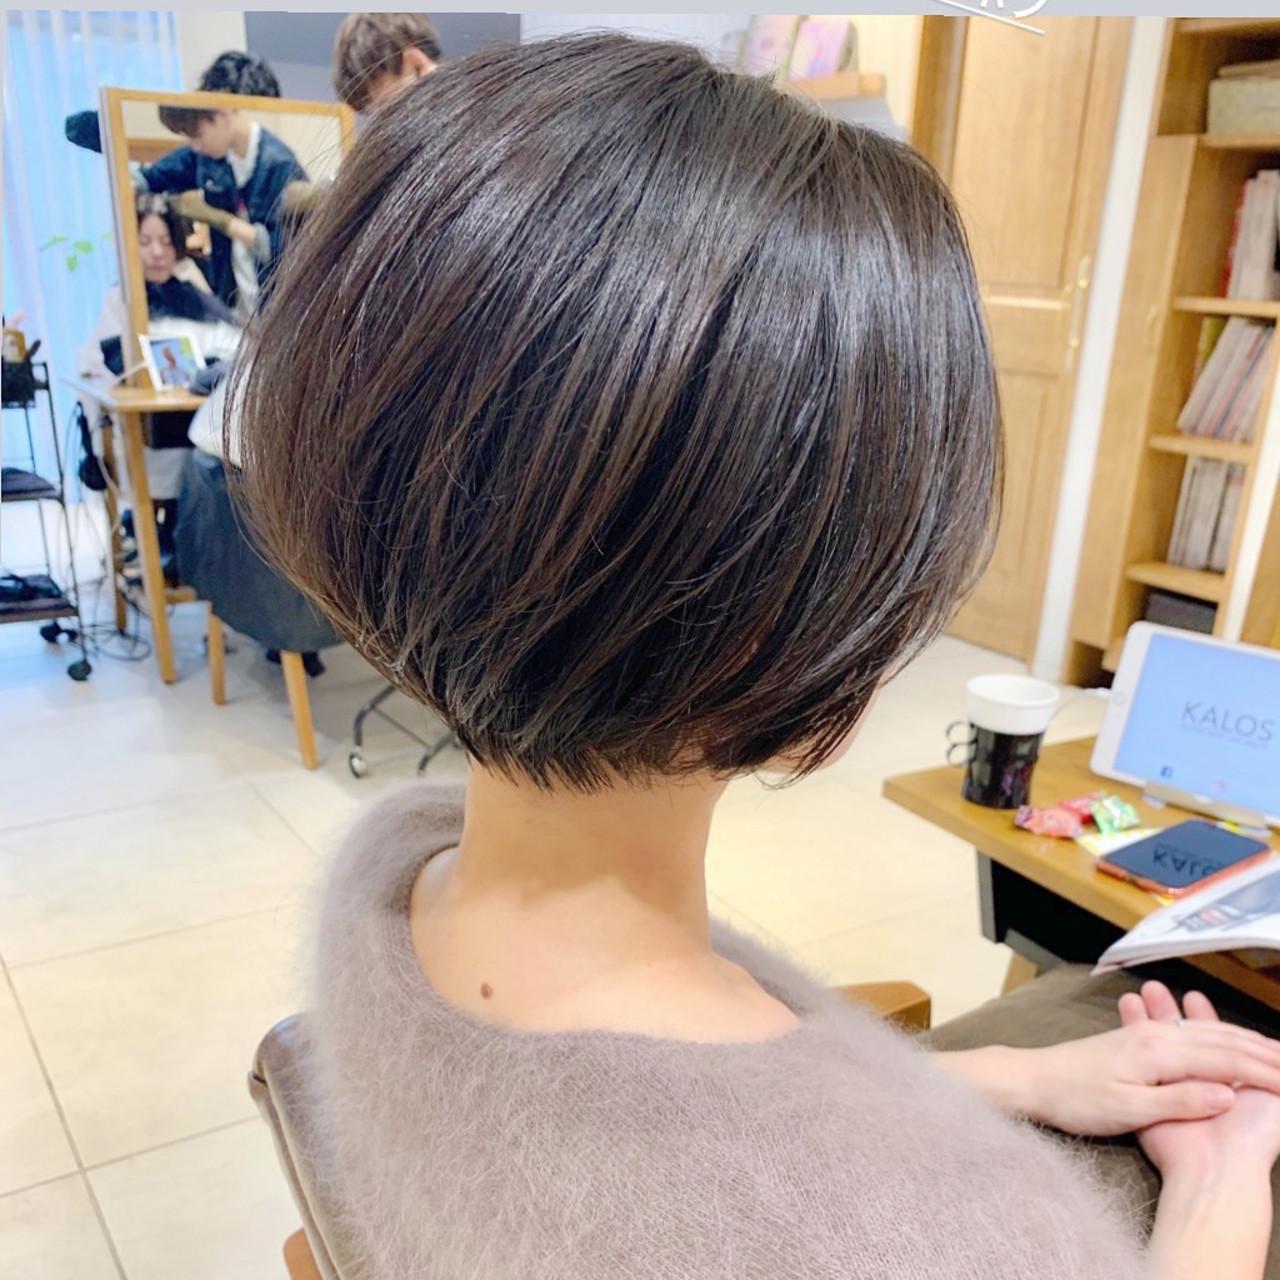 アンニュイほつれヘア ヘアアレンジ 簡単ヘアアレンジ ナチュラル ヘアスタイルや髪型の写真・画像